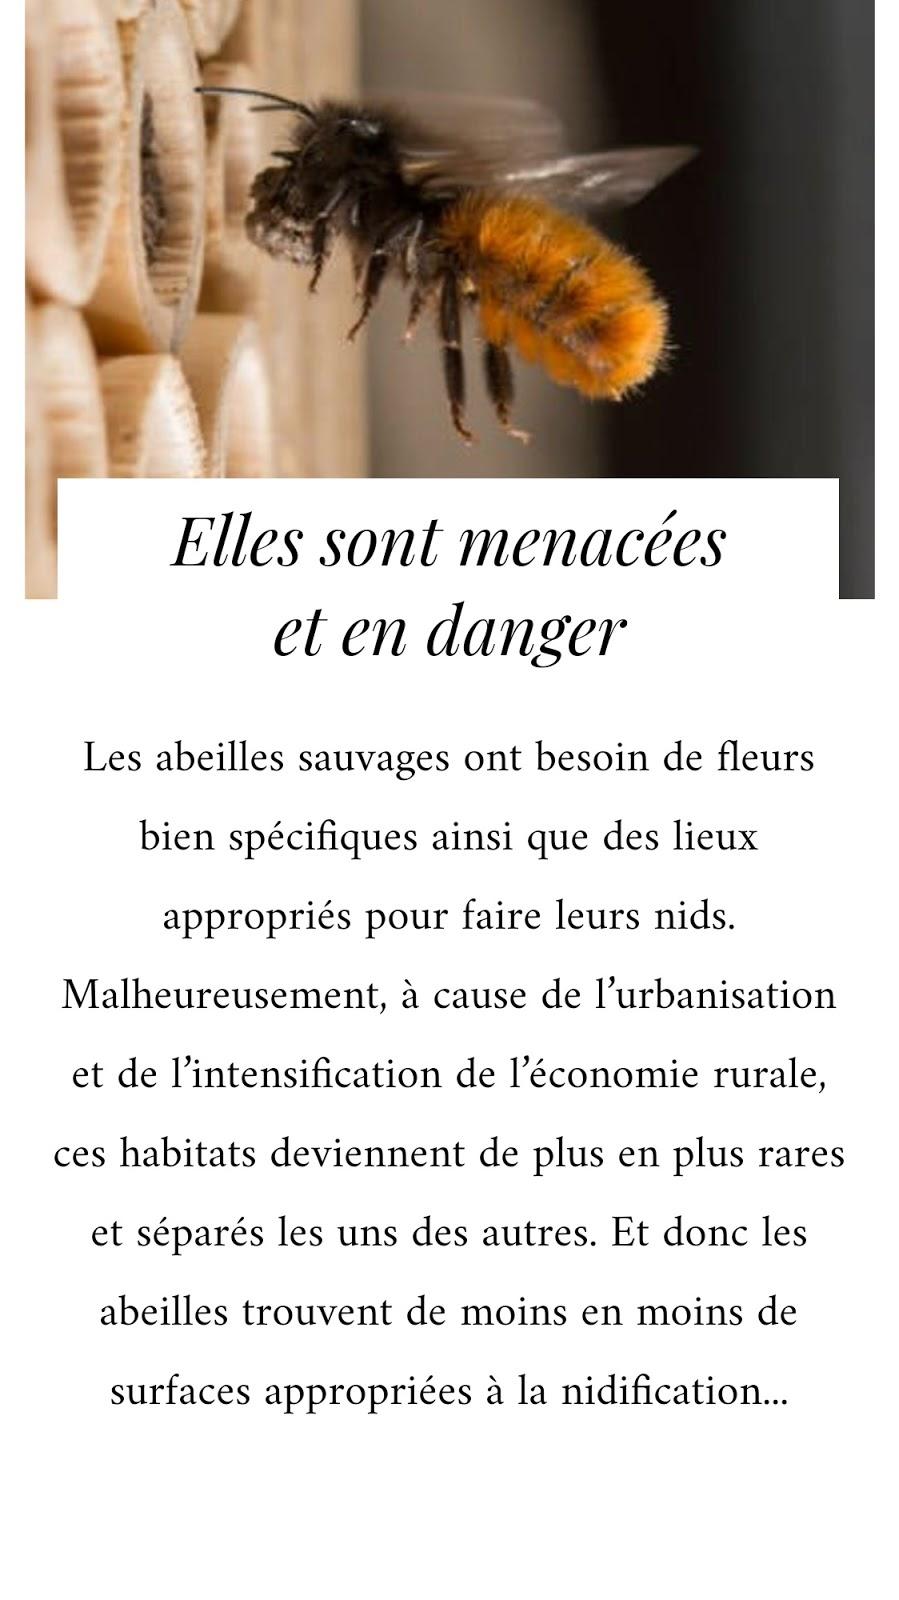 abeilles-sauvages-en-danger